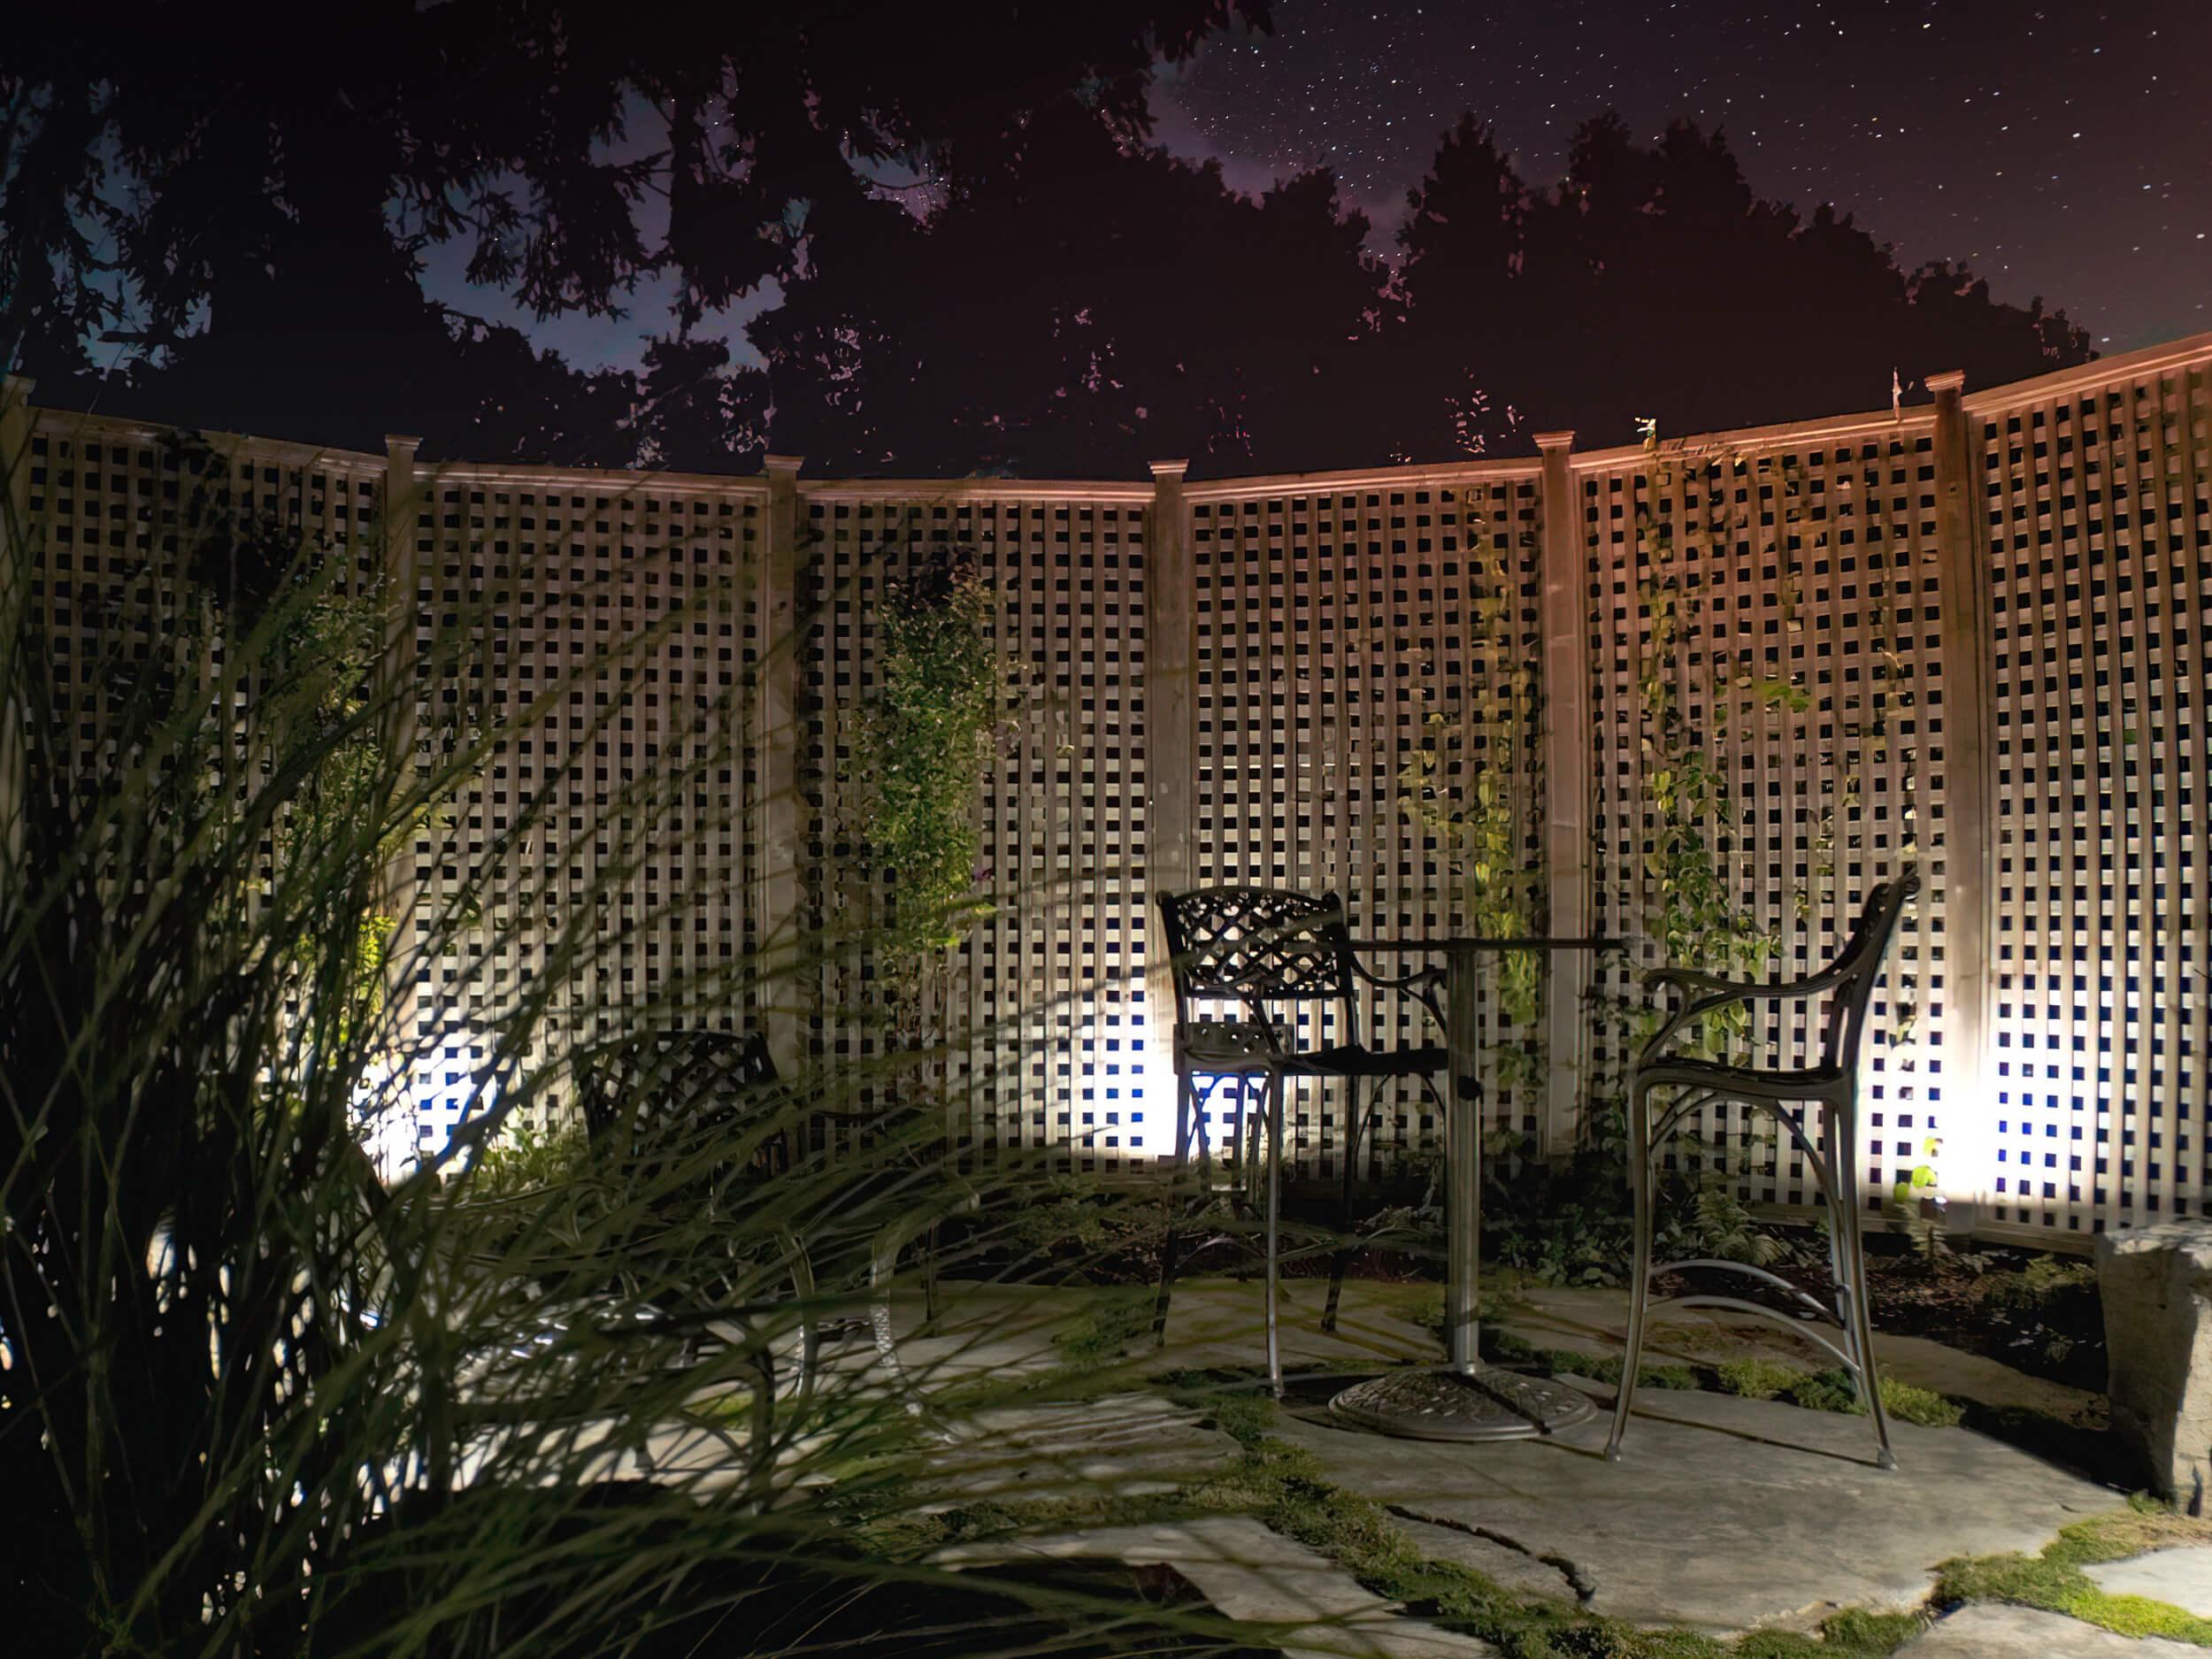 Screen graze lighting in Guelph Ontario